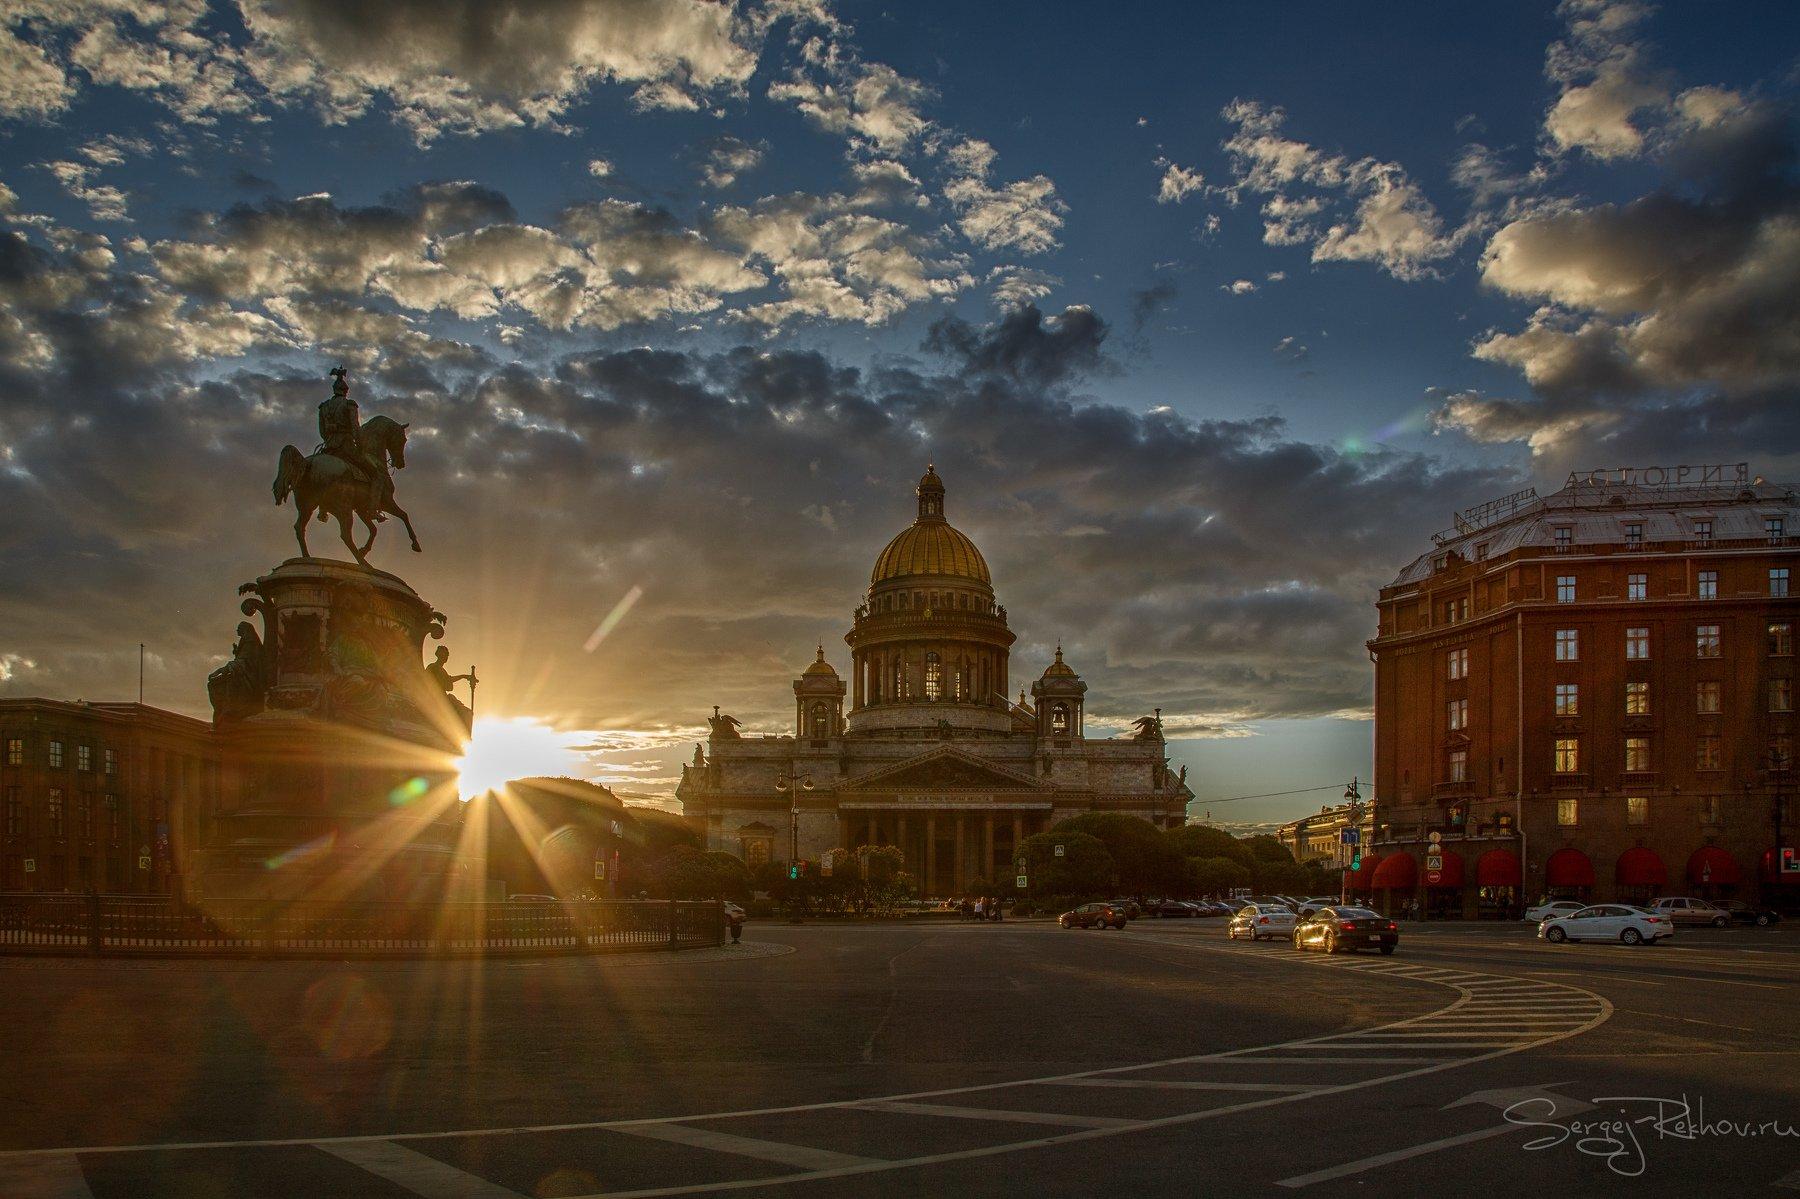 питер, санкт-петербург, спб, севернаяпальмира, закат, rekhov, Сергей Рехов